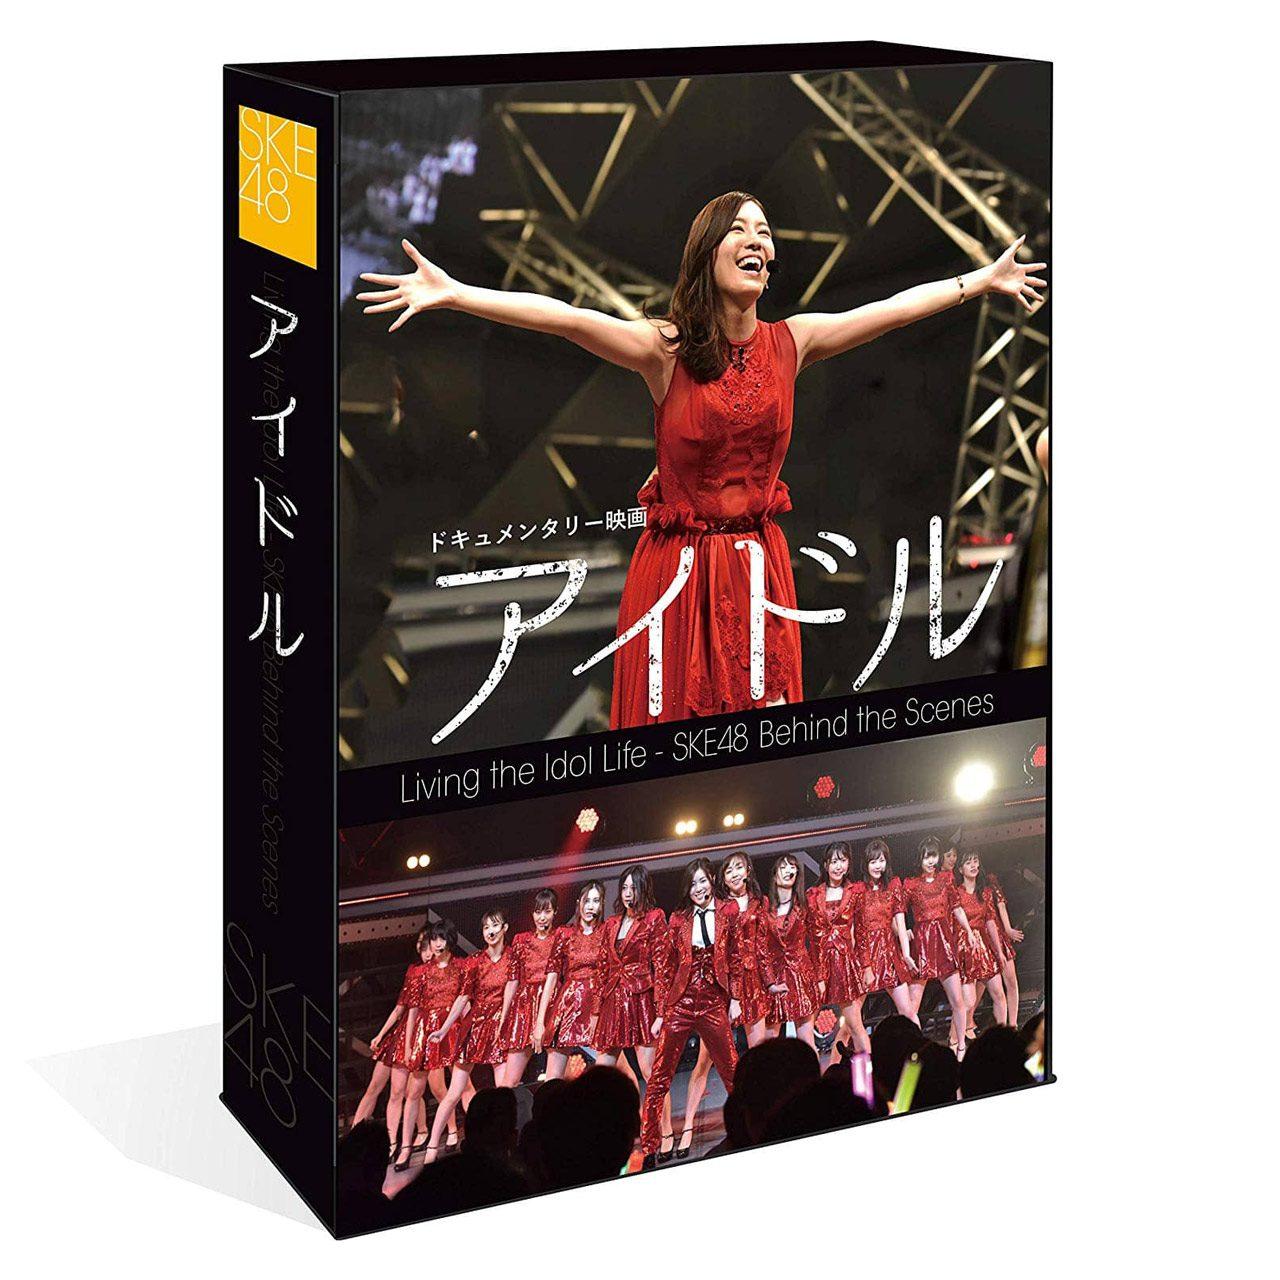 【予約開始】SKE48 ドキュメンタリー映画「アイドル」 Blu-ray&DVD-BOX化!4/5発売決定!